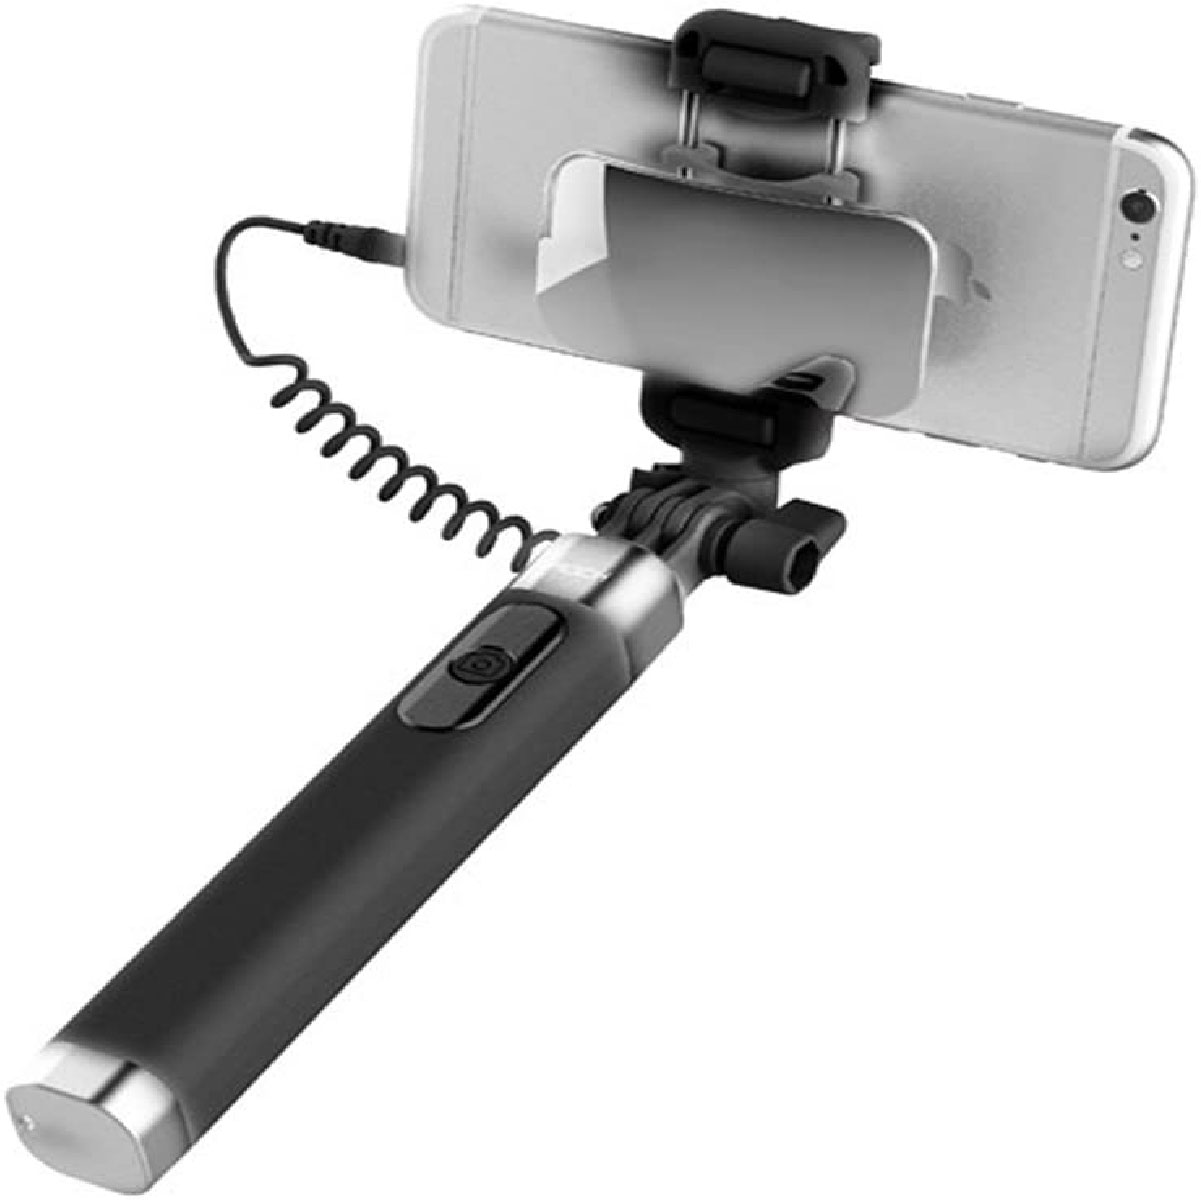 Bastão de Selfie Stick Alúminio Rock Com Espelho Preto